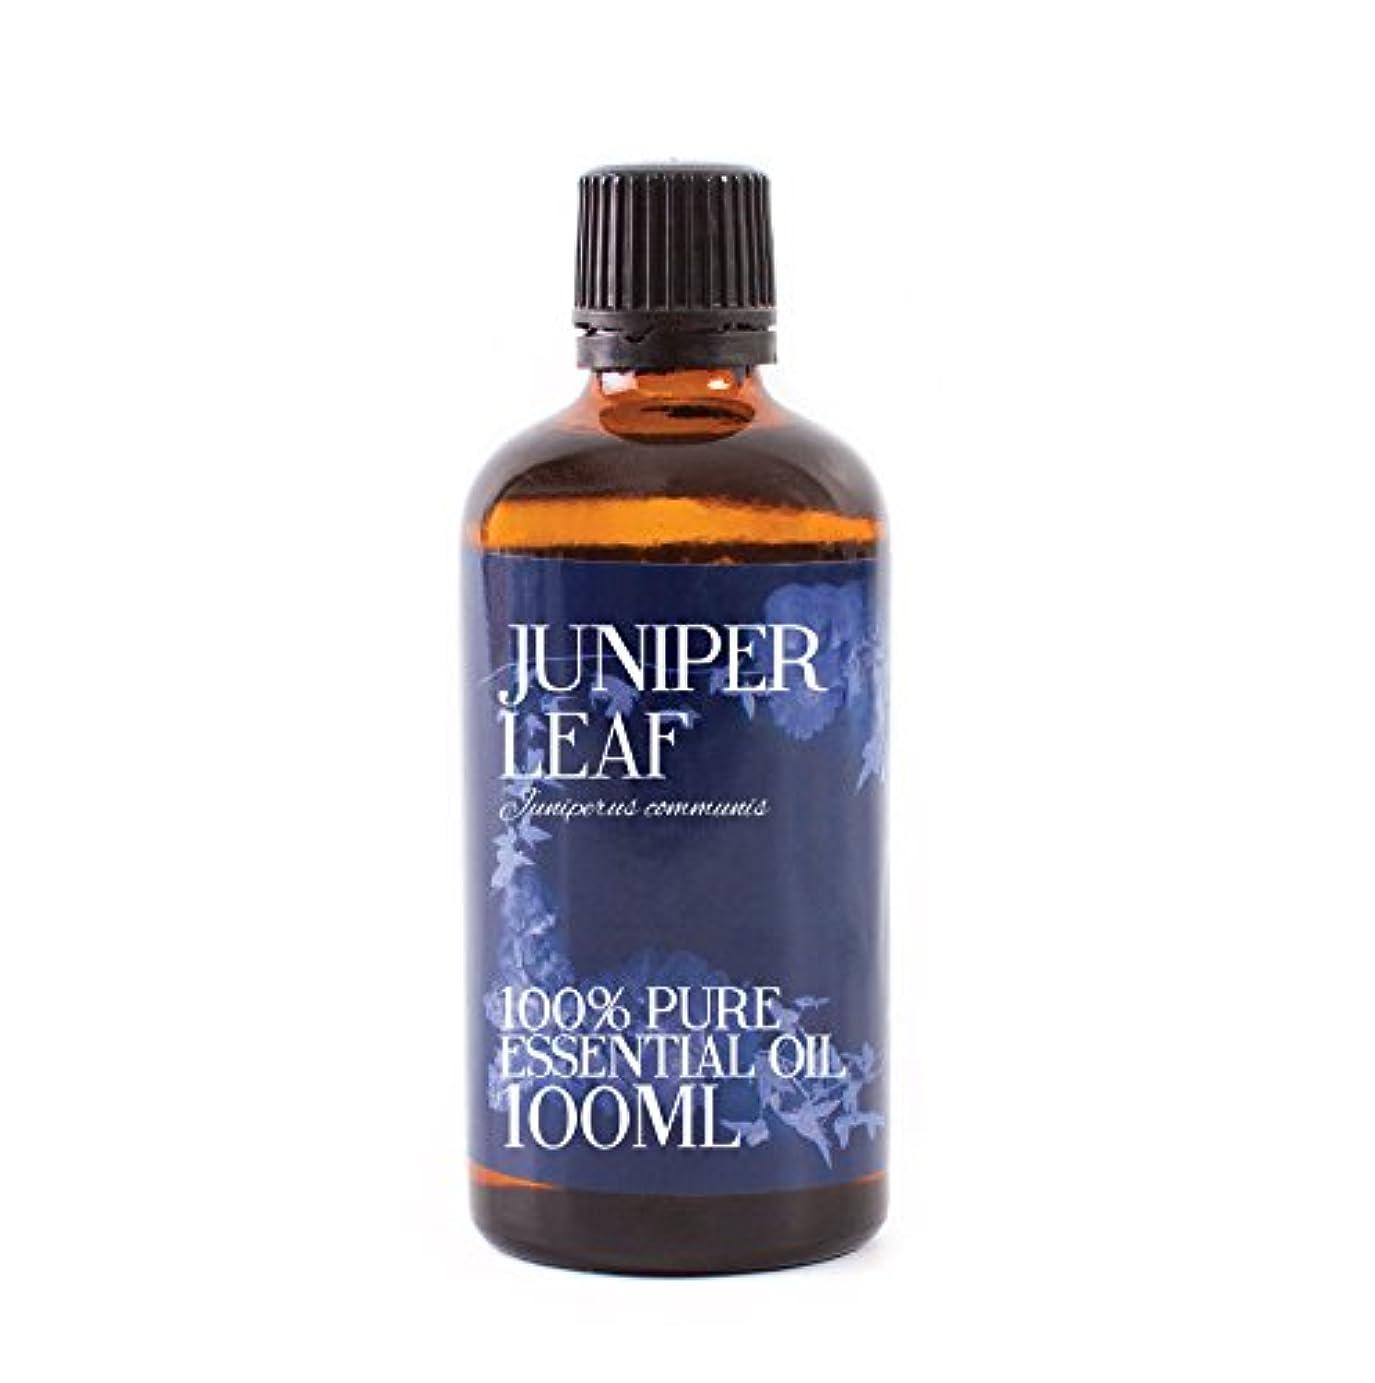 疑問に思う仕立て屋普通のMystic Moments | Juniper Leaf Essential Oil - 100ml - 100% Pure